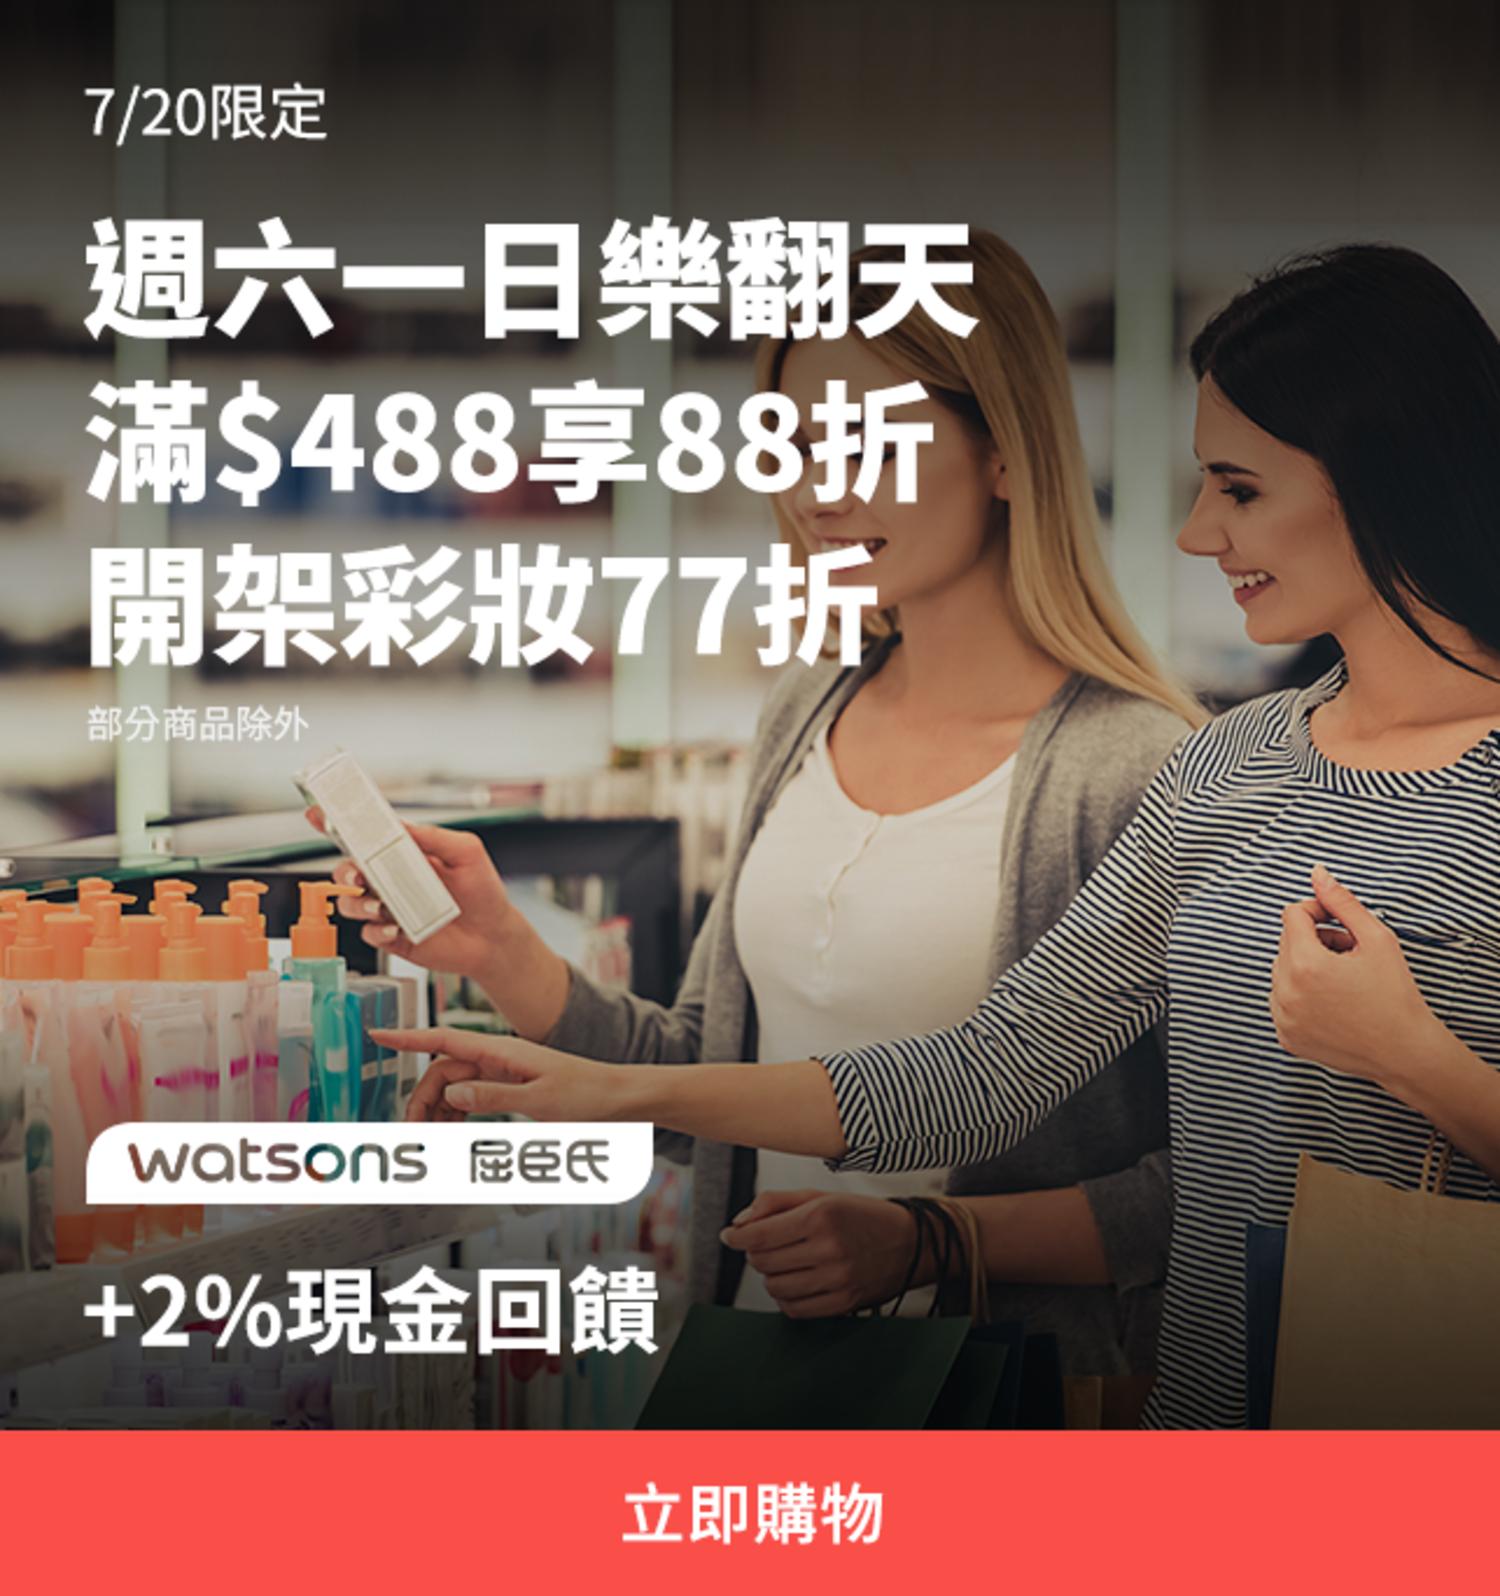 屈臣氏 7/20 一日樂翻天